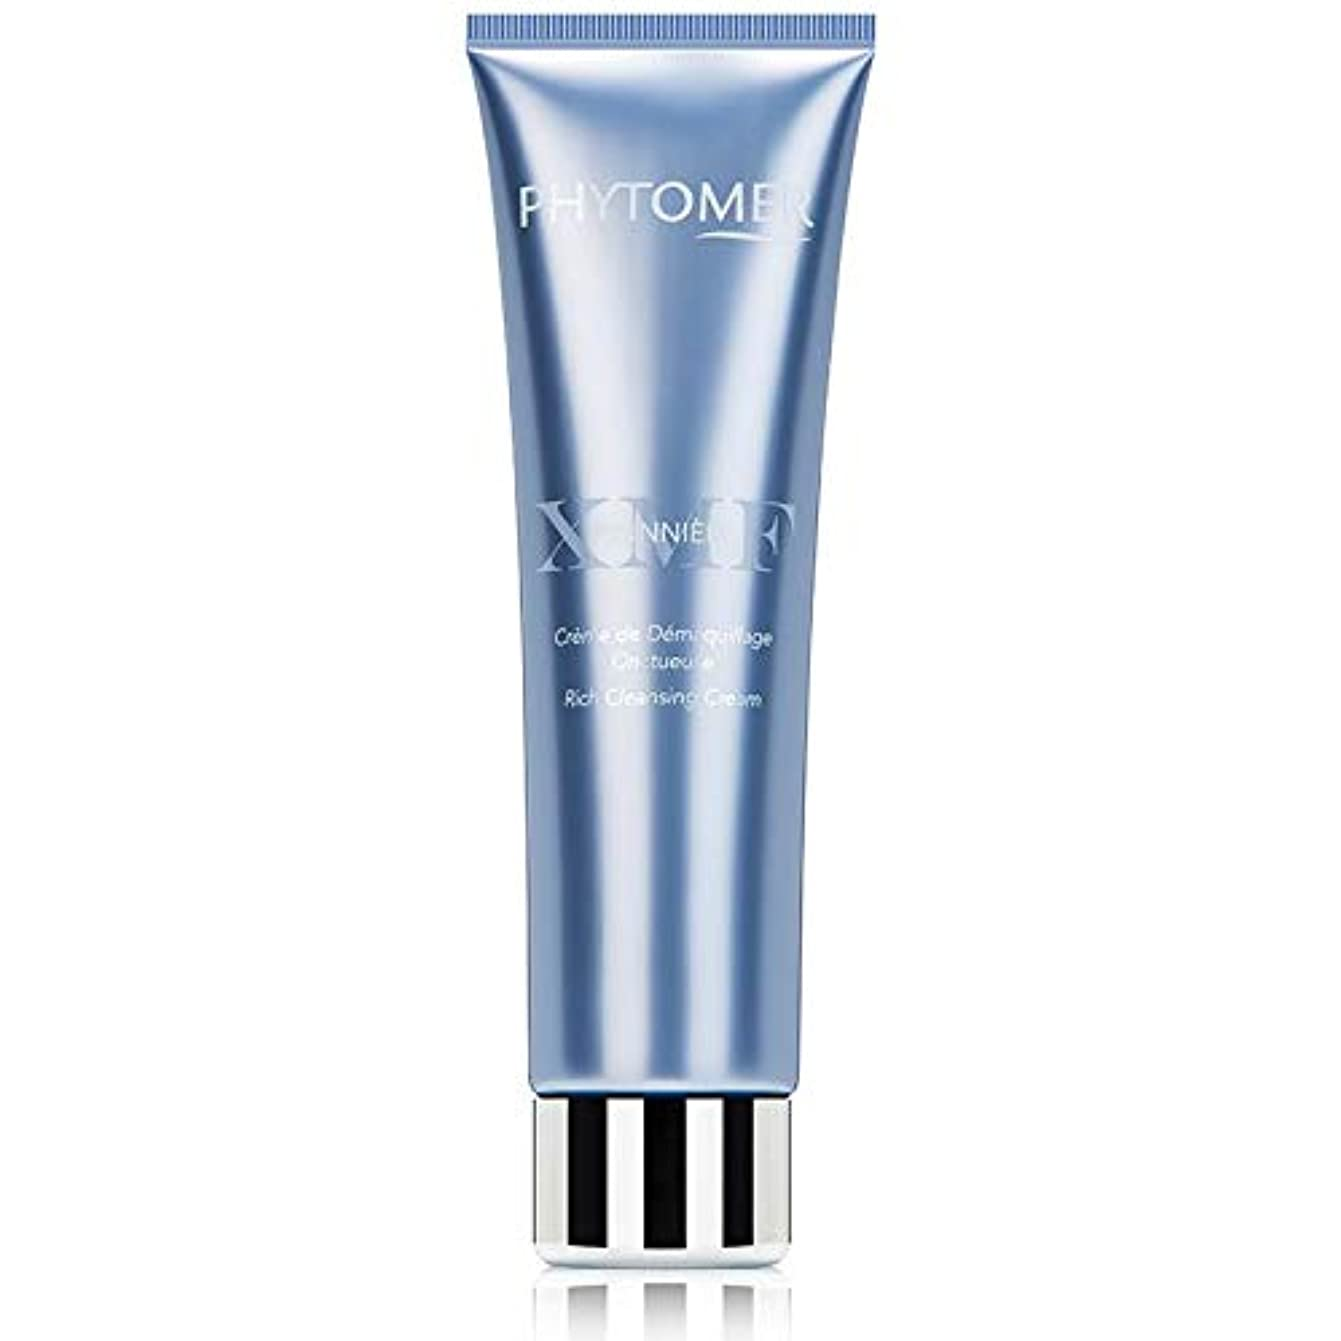 スキル暴露する人形Phytomer Pionniere XMF Rich Cleansing Cream 150ml並行輸入品